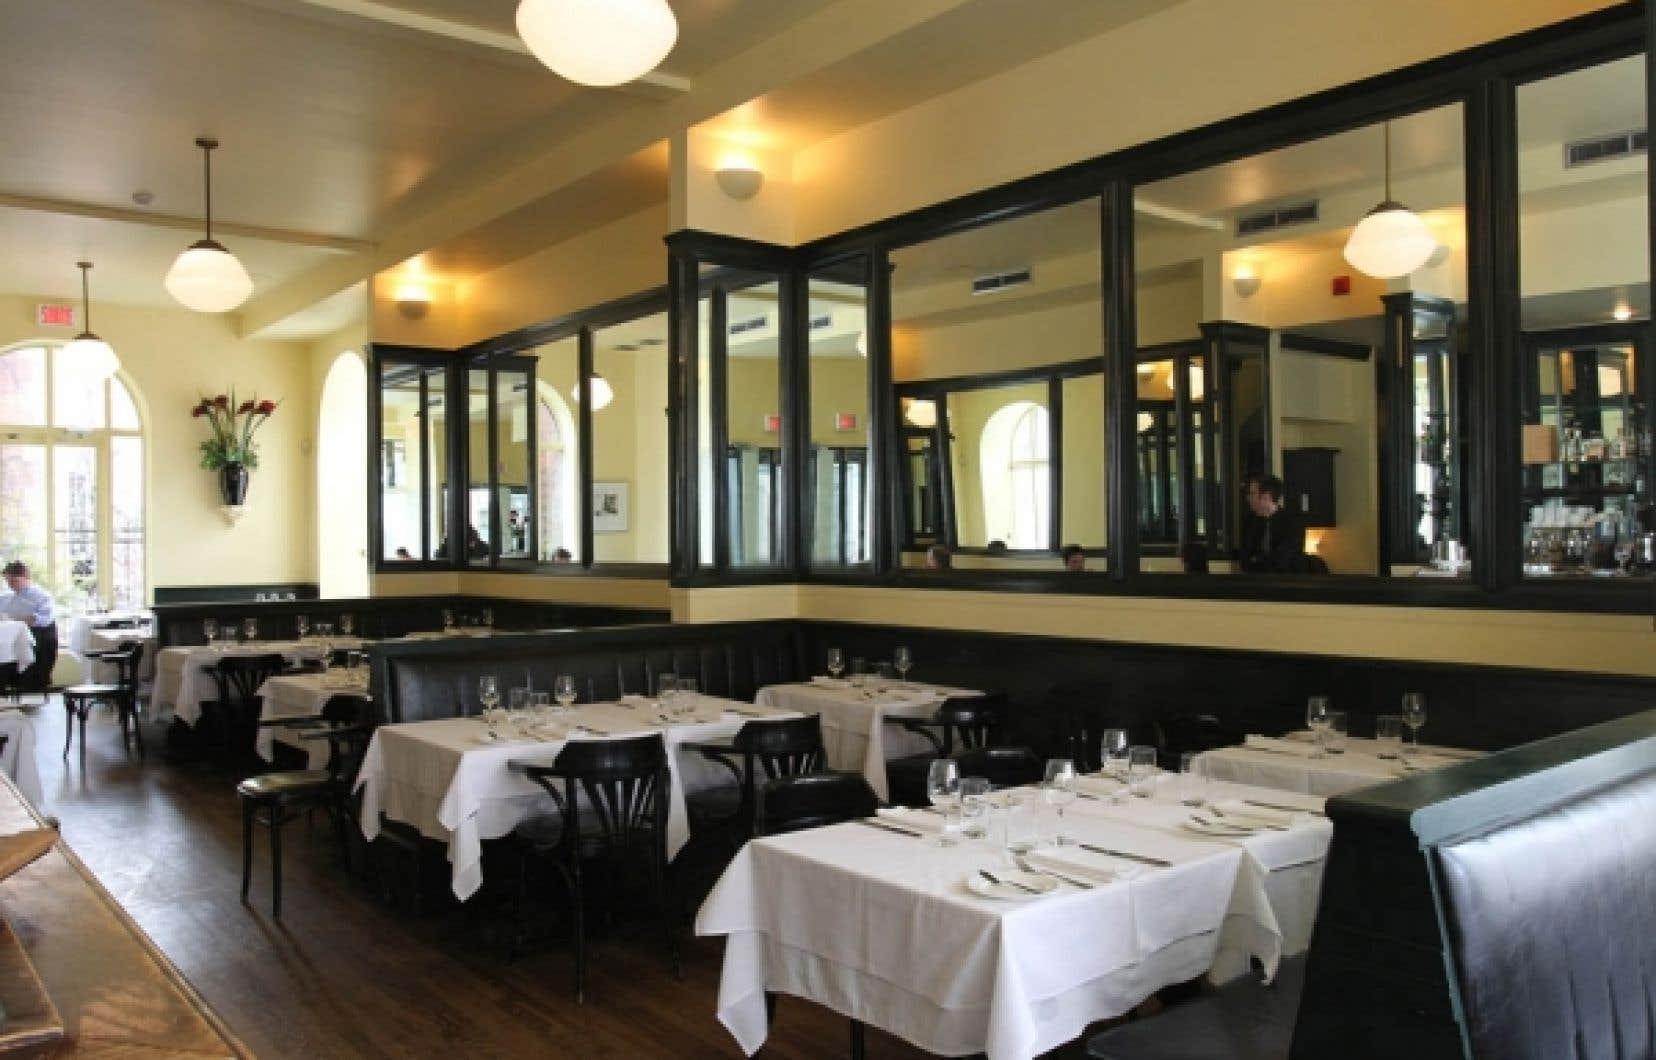 Au Restaurant Laloux, à Montréal, on rencontre autant des amoureux qui viennent y déclarer leur fidèle amour que des artistes ou des politiciens qui s'y installent discrètement.